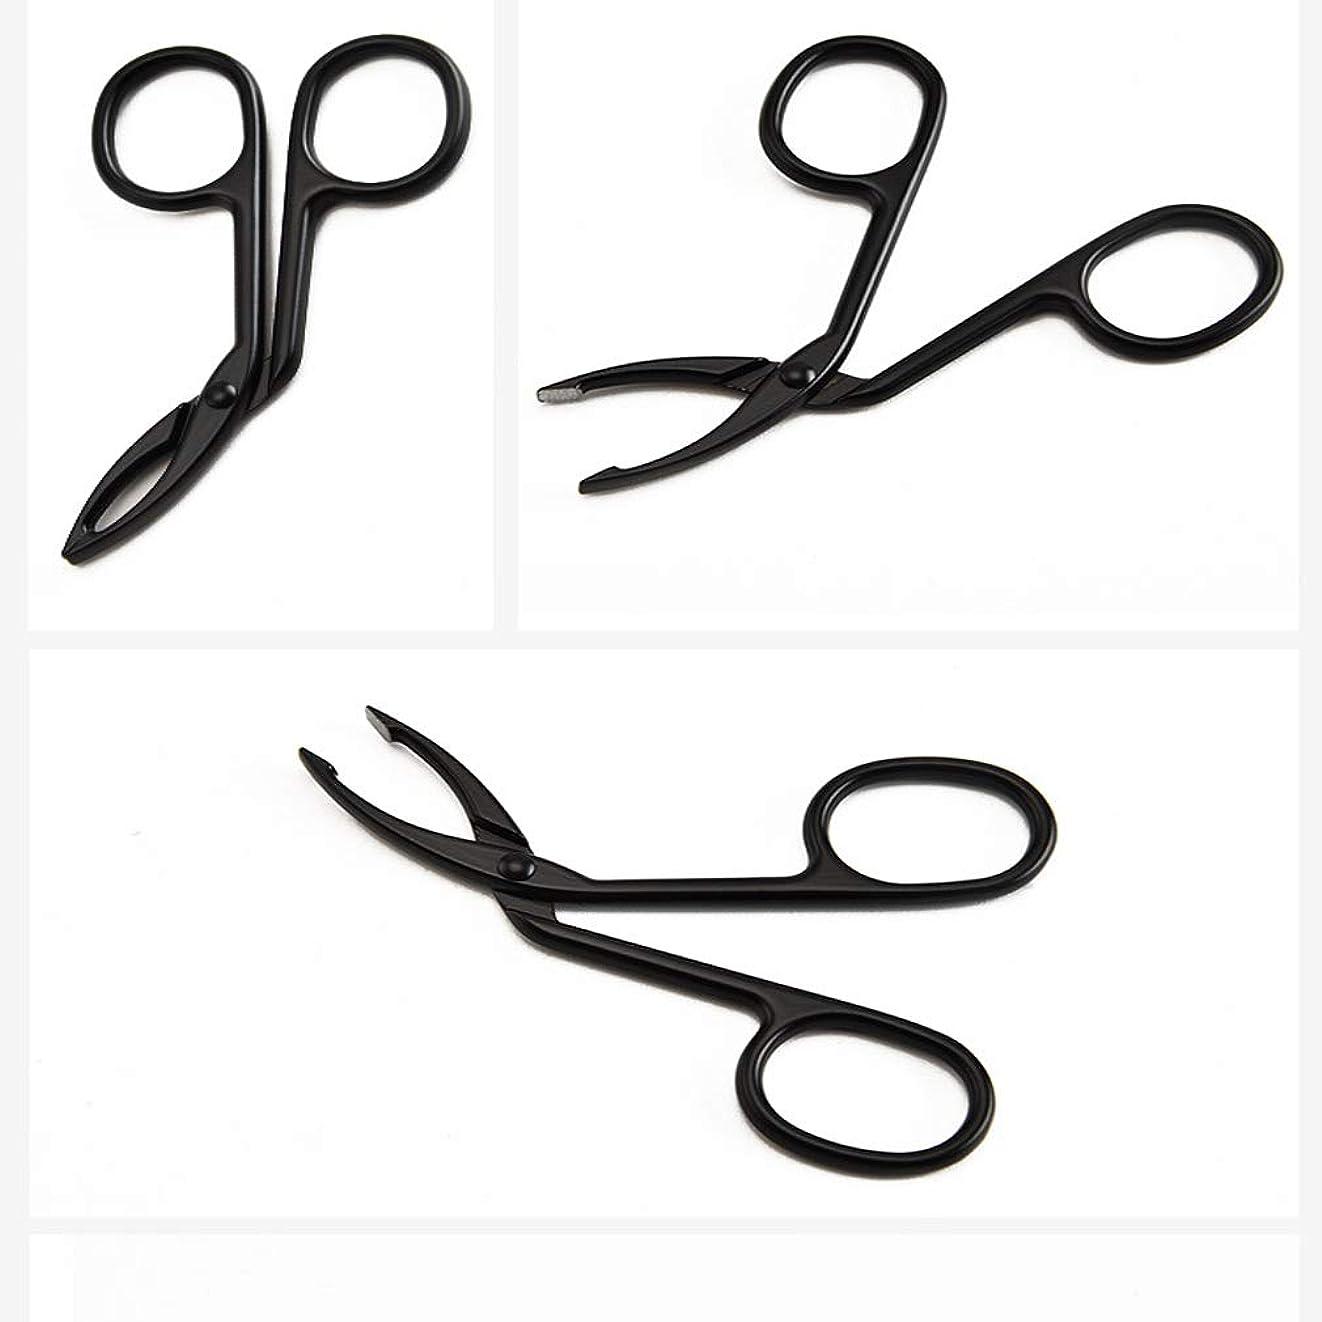 外国人船酔い方法LUXWELL(ラクスウェル)眉毛ピンセットアイブロウ ピンセットクリップ 毛抜き まゆ毛ピンセット 人気の 化粧工具 クリップ